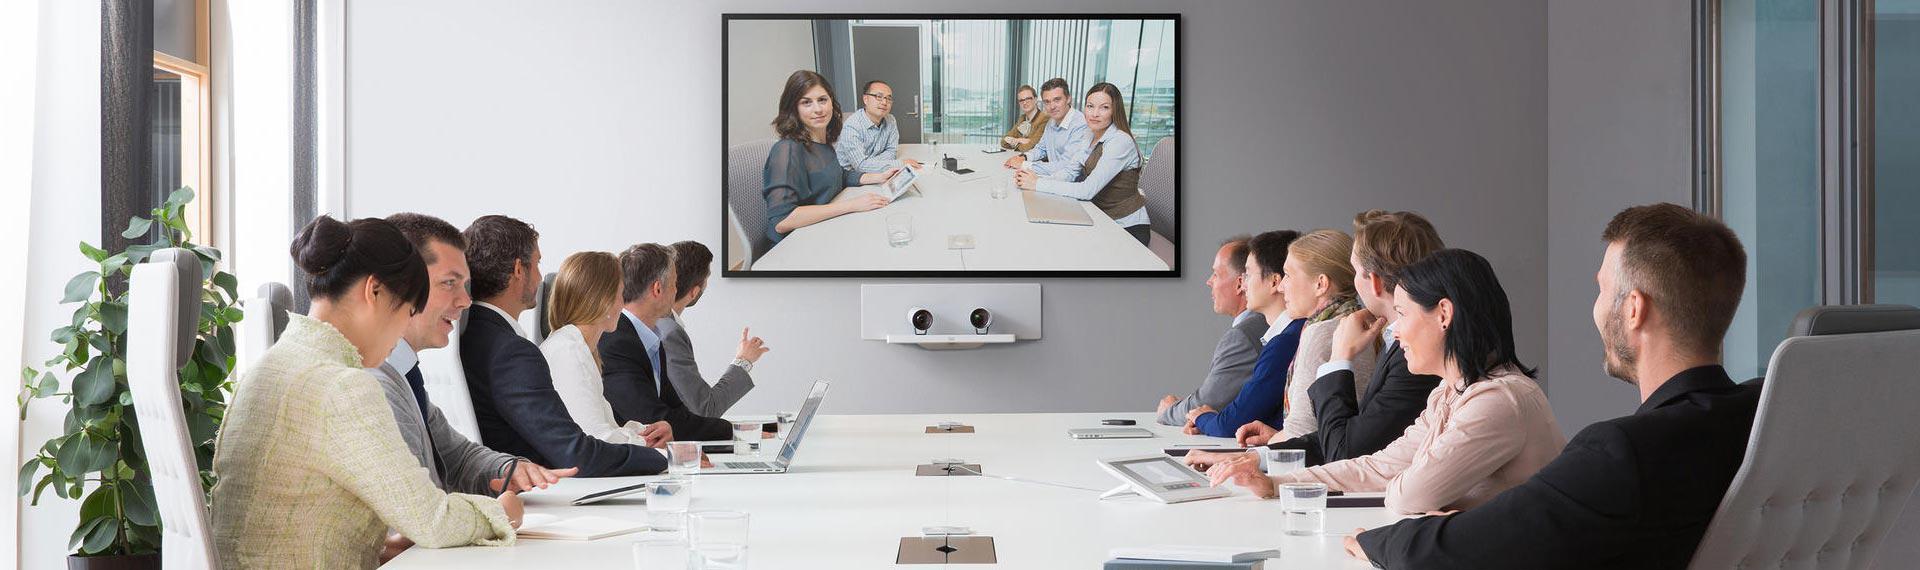 ITSL-Meeting-space4